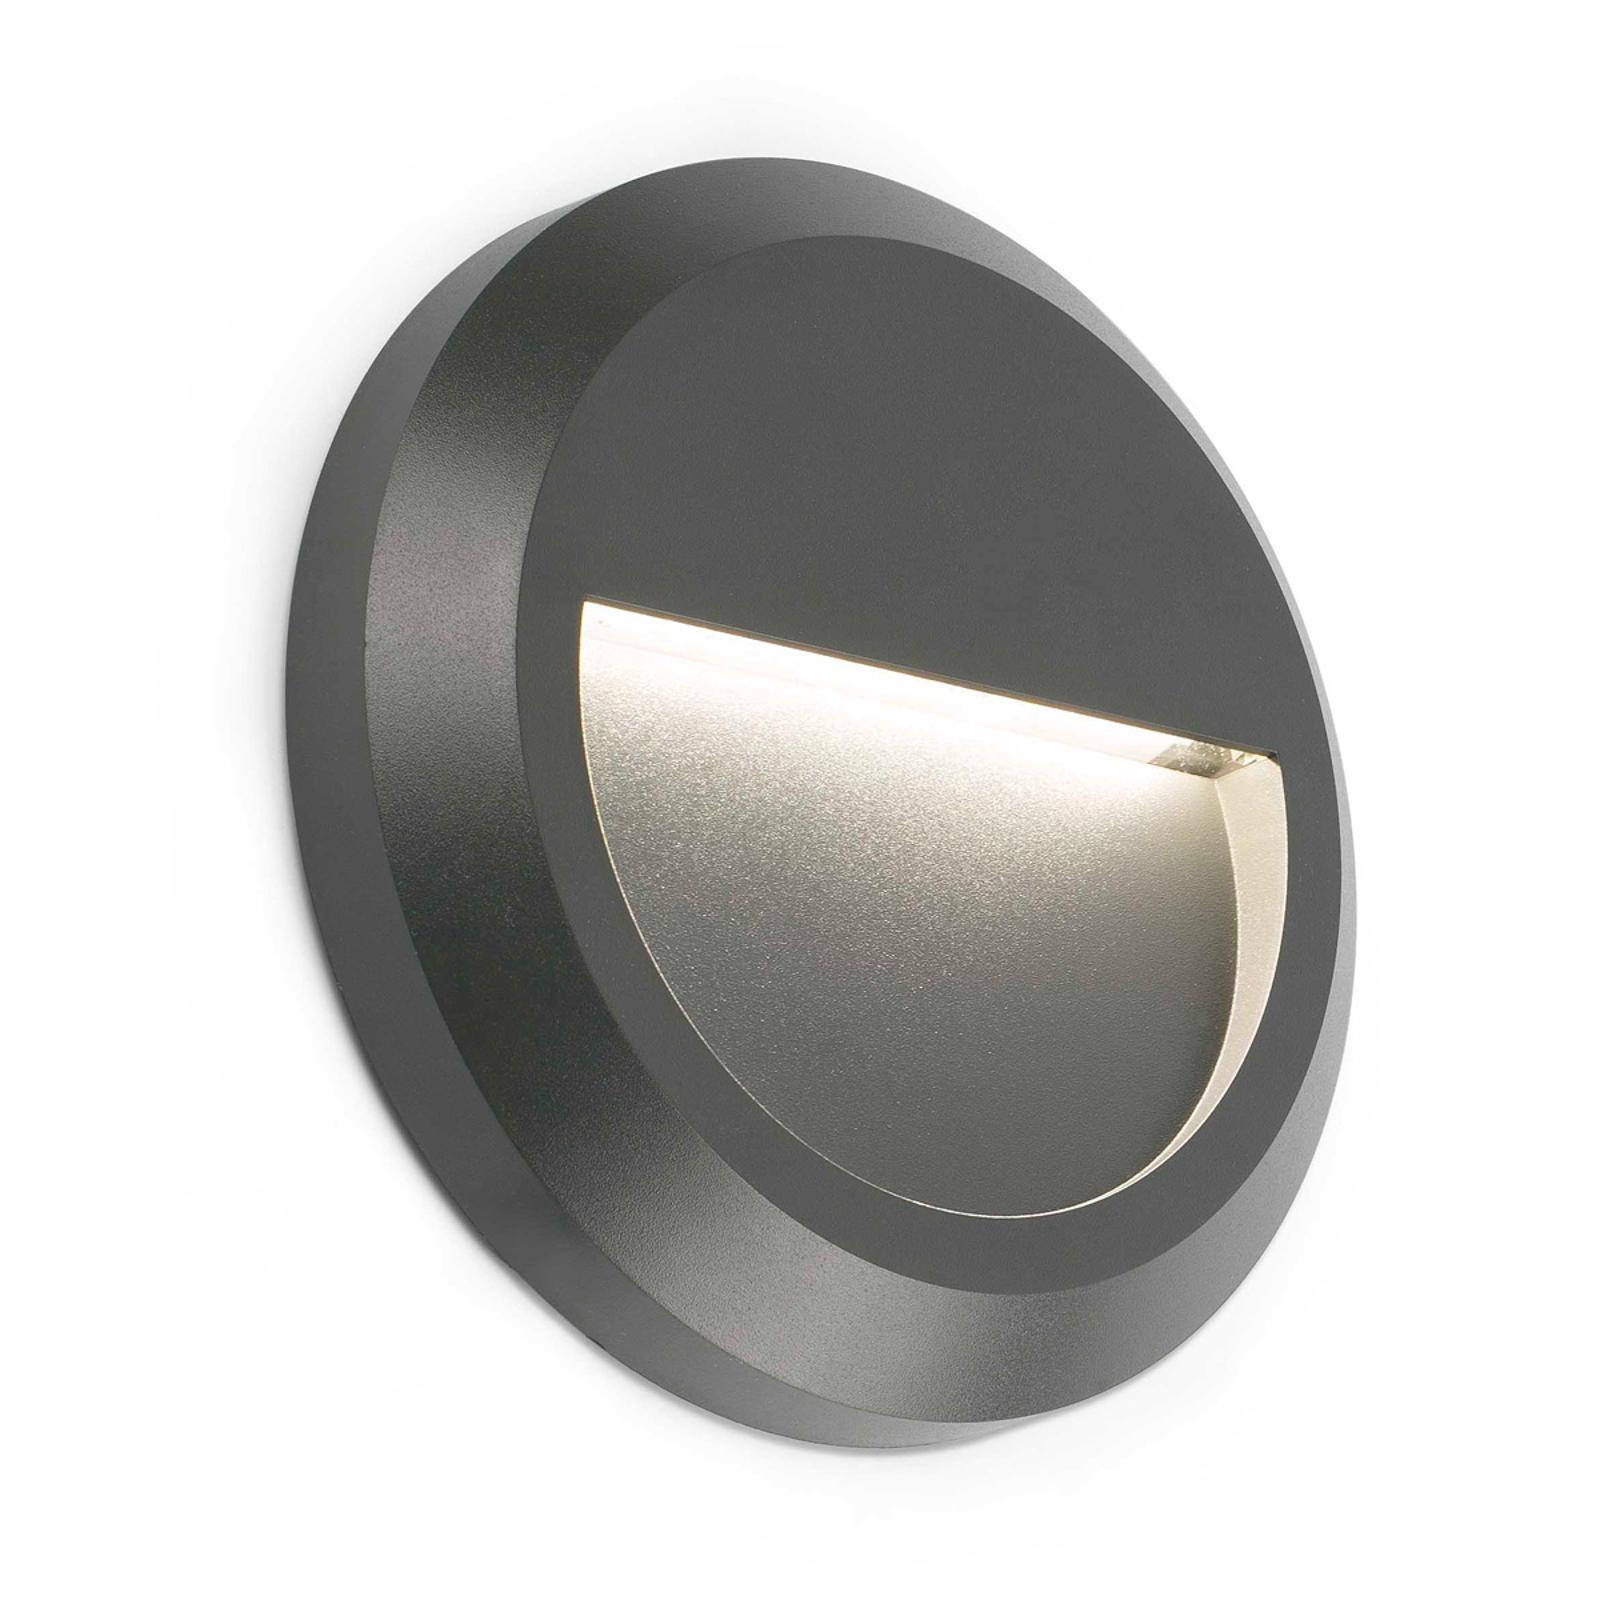 Runde LED-Außenwandlampe Grant